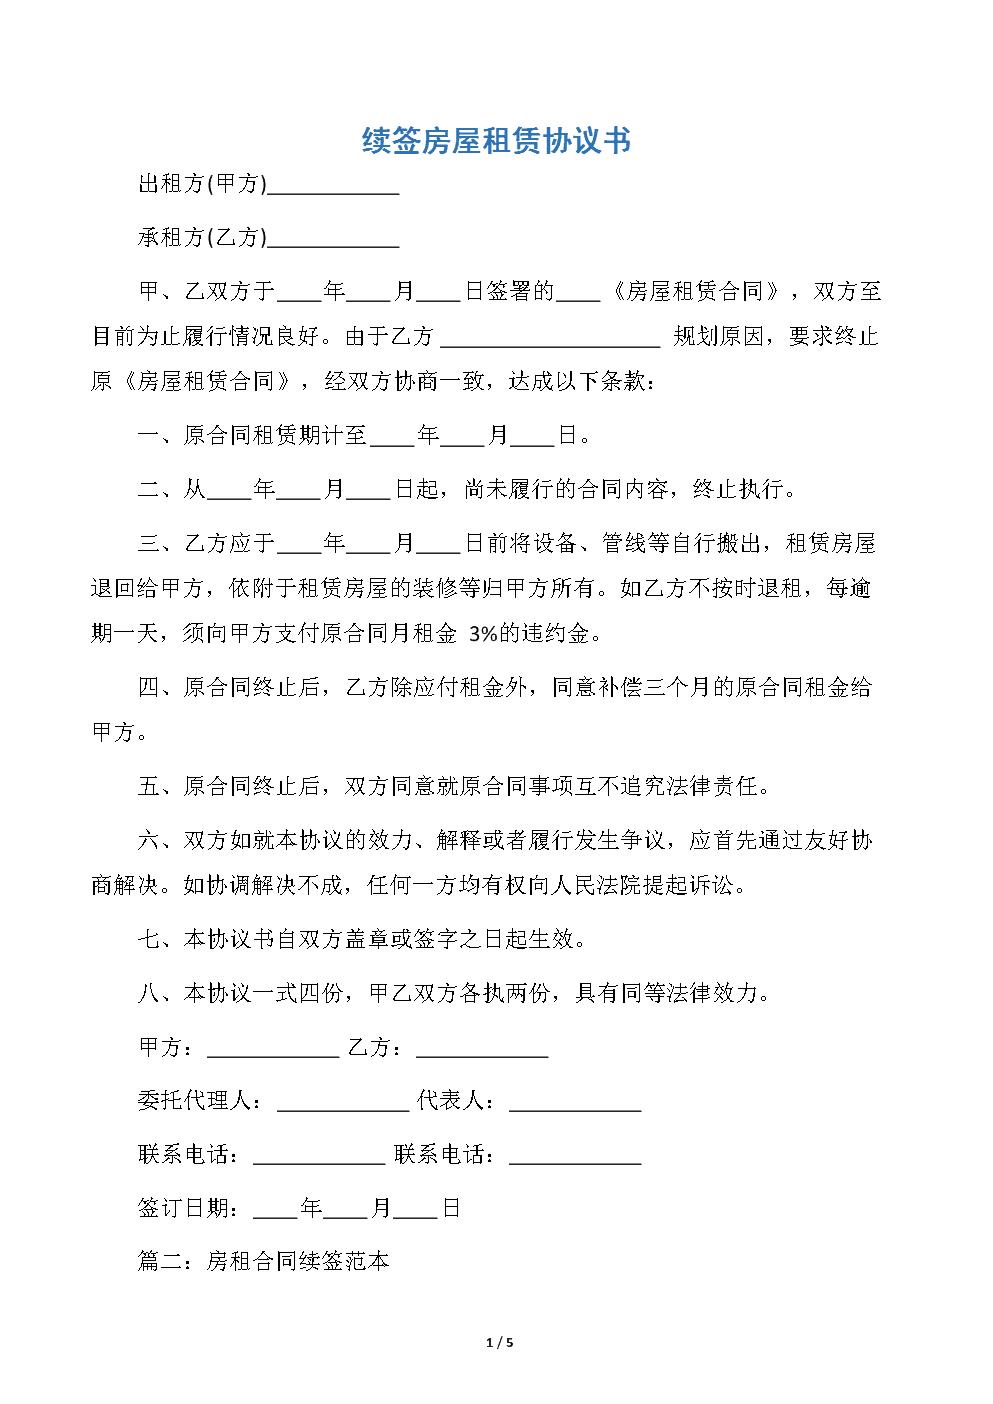 续签房屋租赁协议书.docx